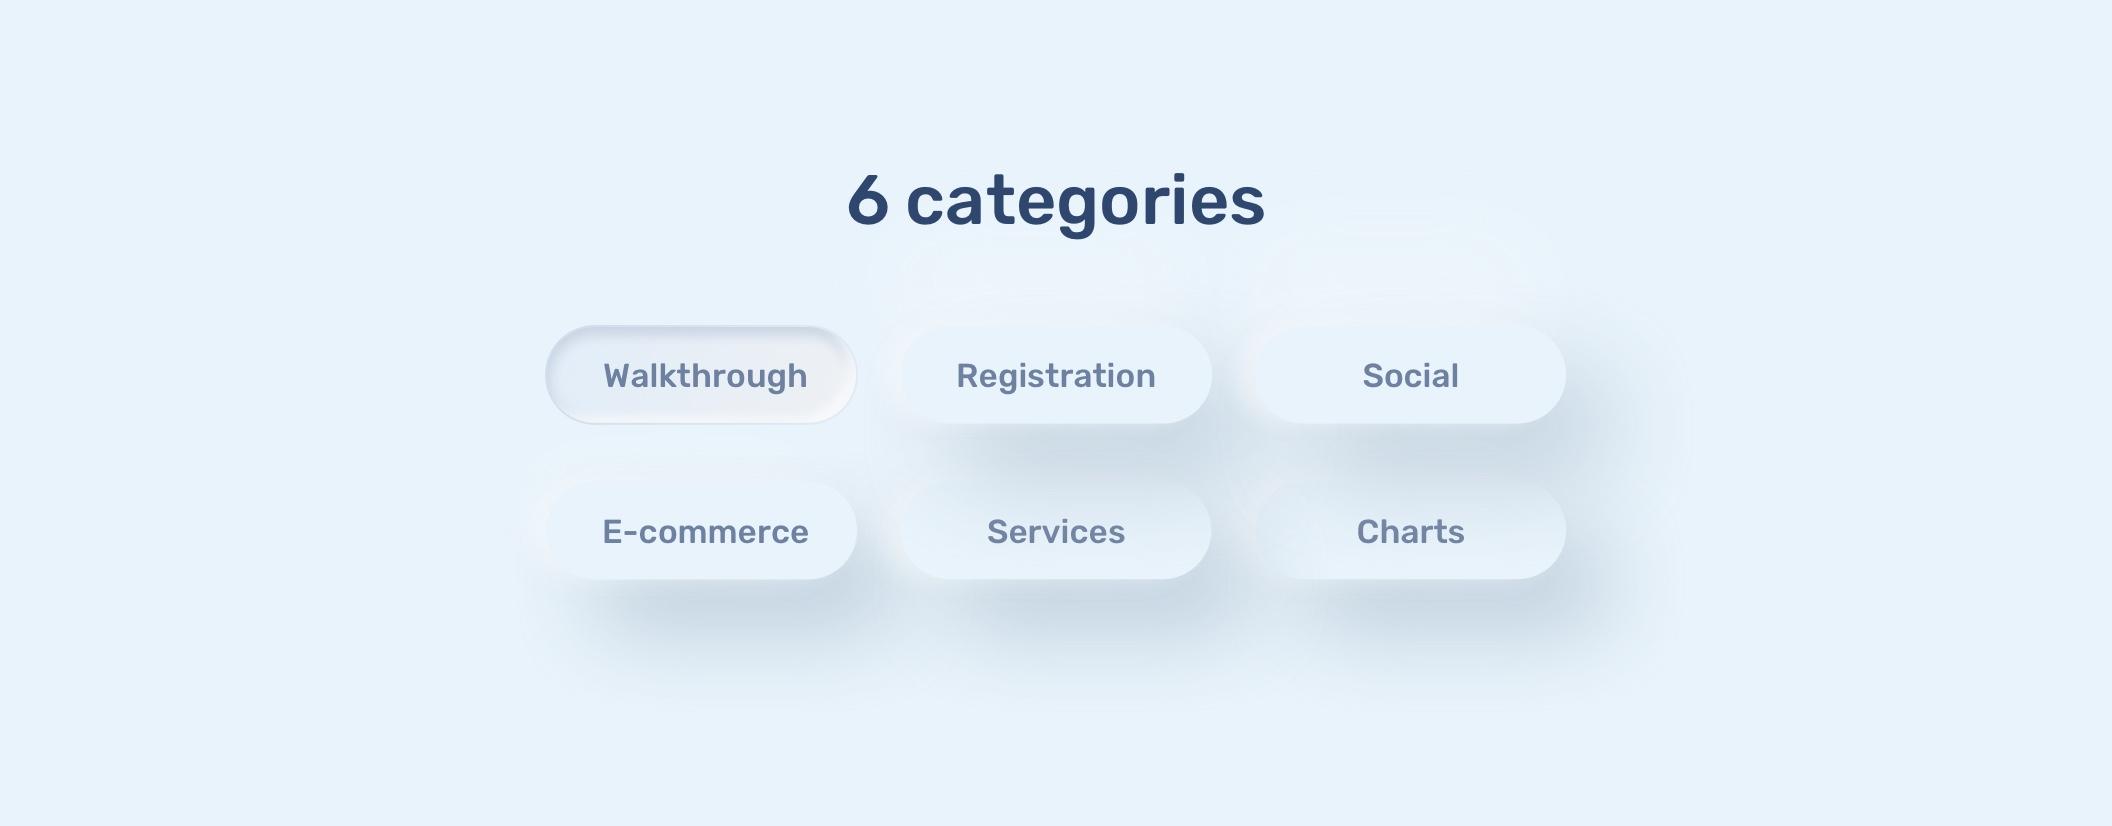 电商购物&金融类拟物化APP应用UI界面设计套件 Skeuomorph Ui Kit插图(16)